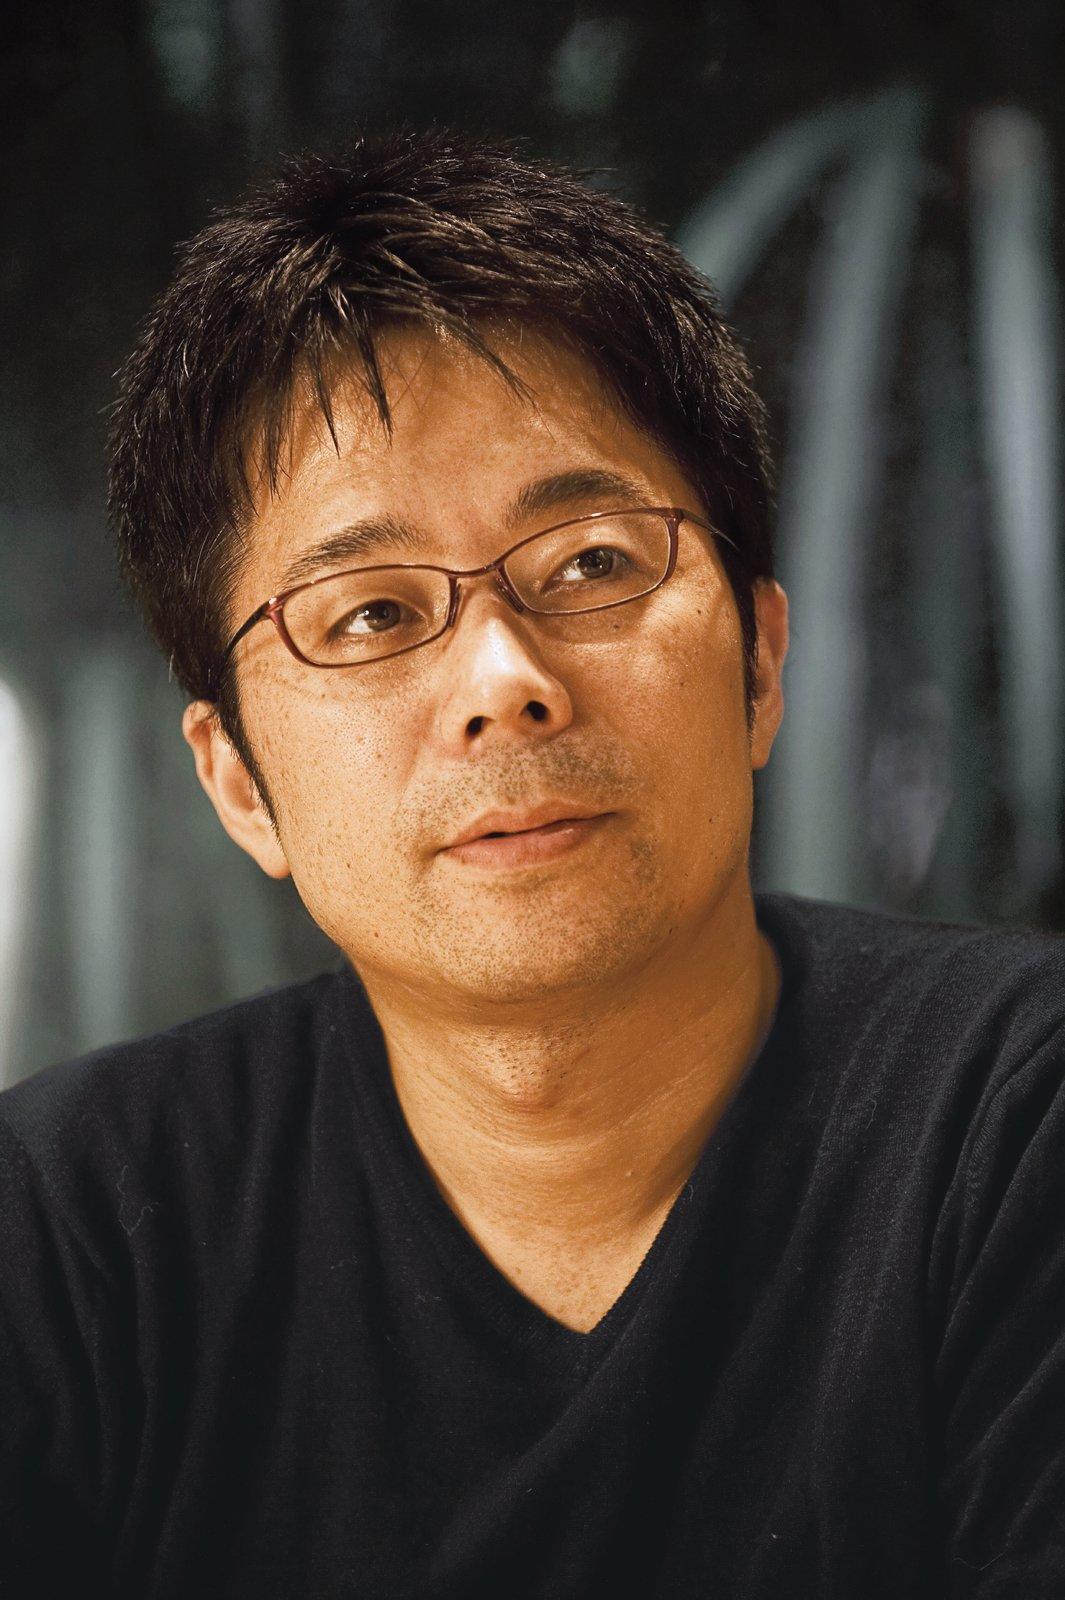 Tokujin Yoshioka by Jordan Kushins - Dwell